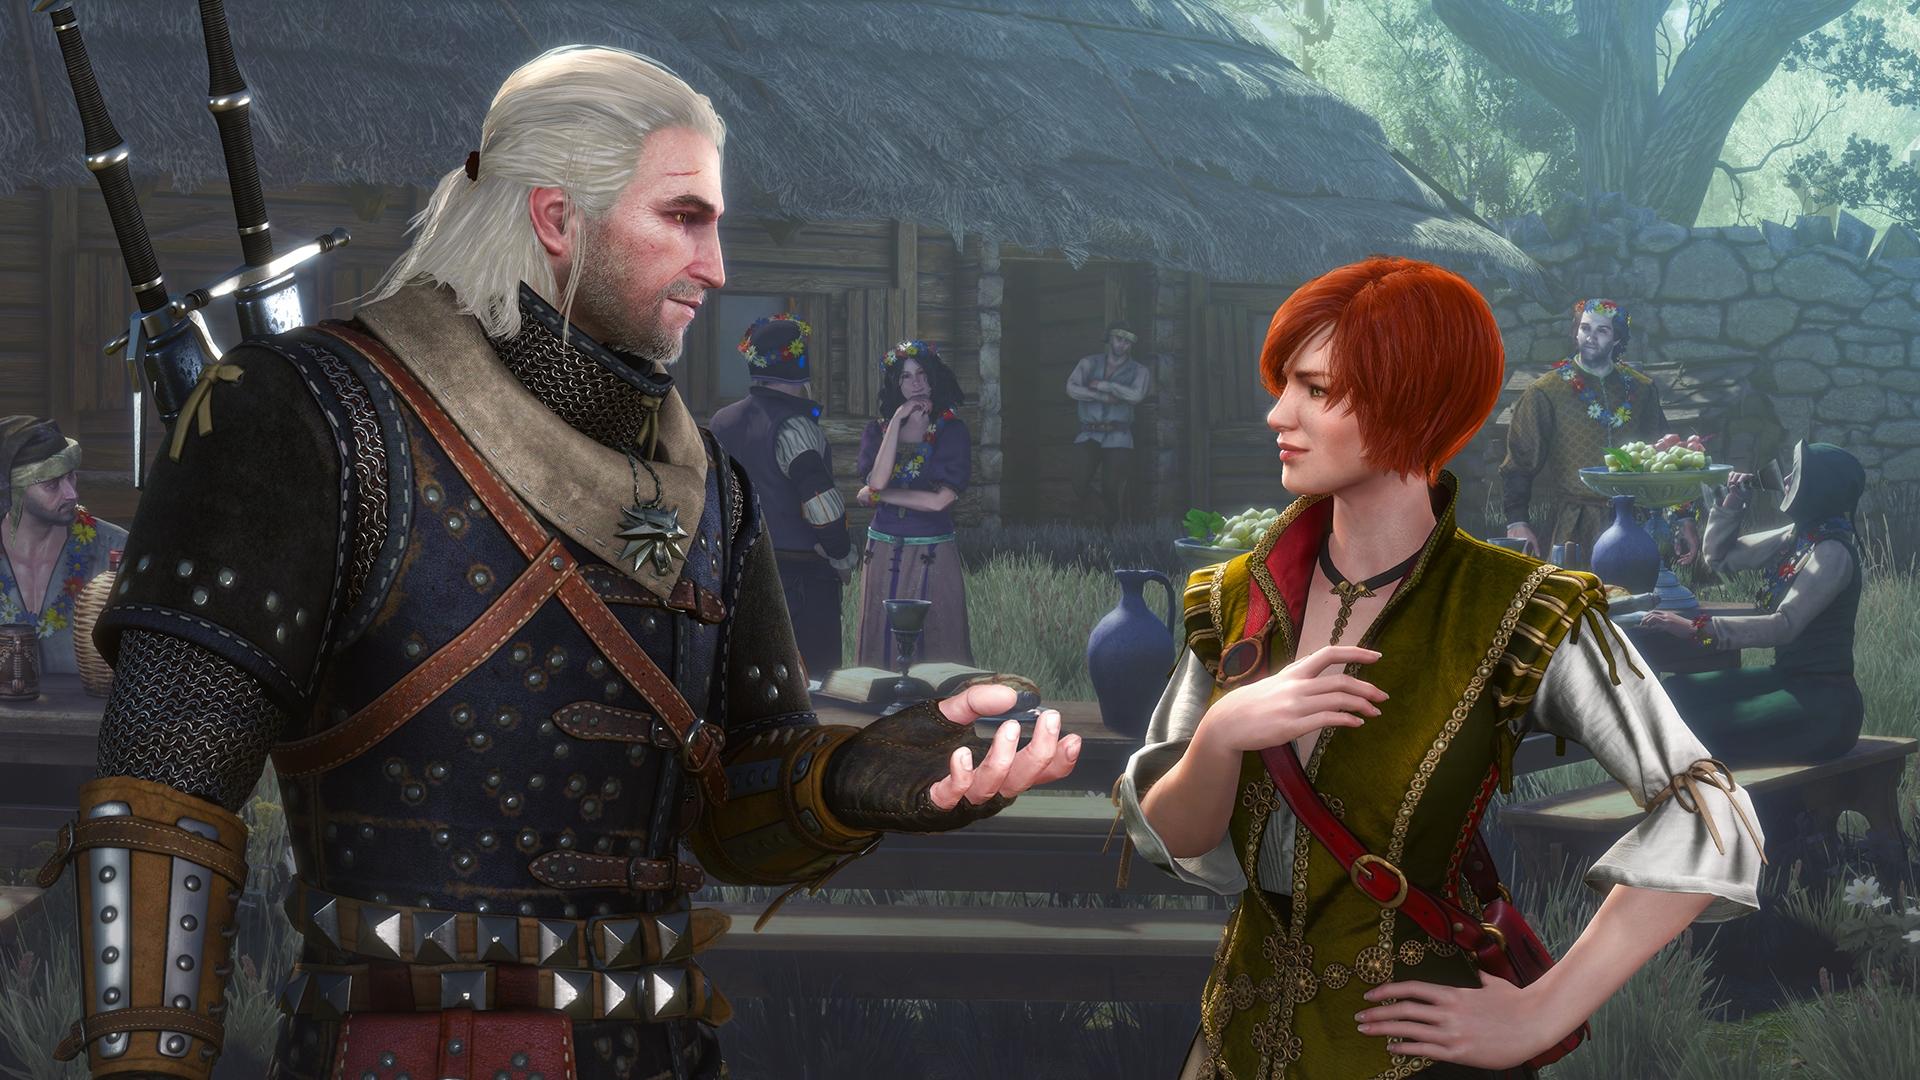 Estos son los detalles de Hearts of Stone la proxima expansión de The Witcher 3: Wild Hunt